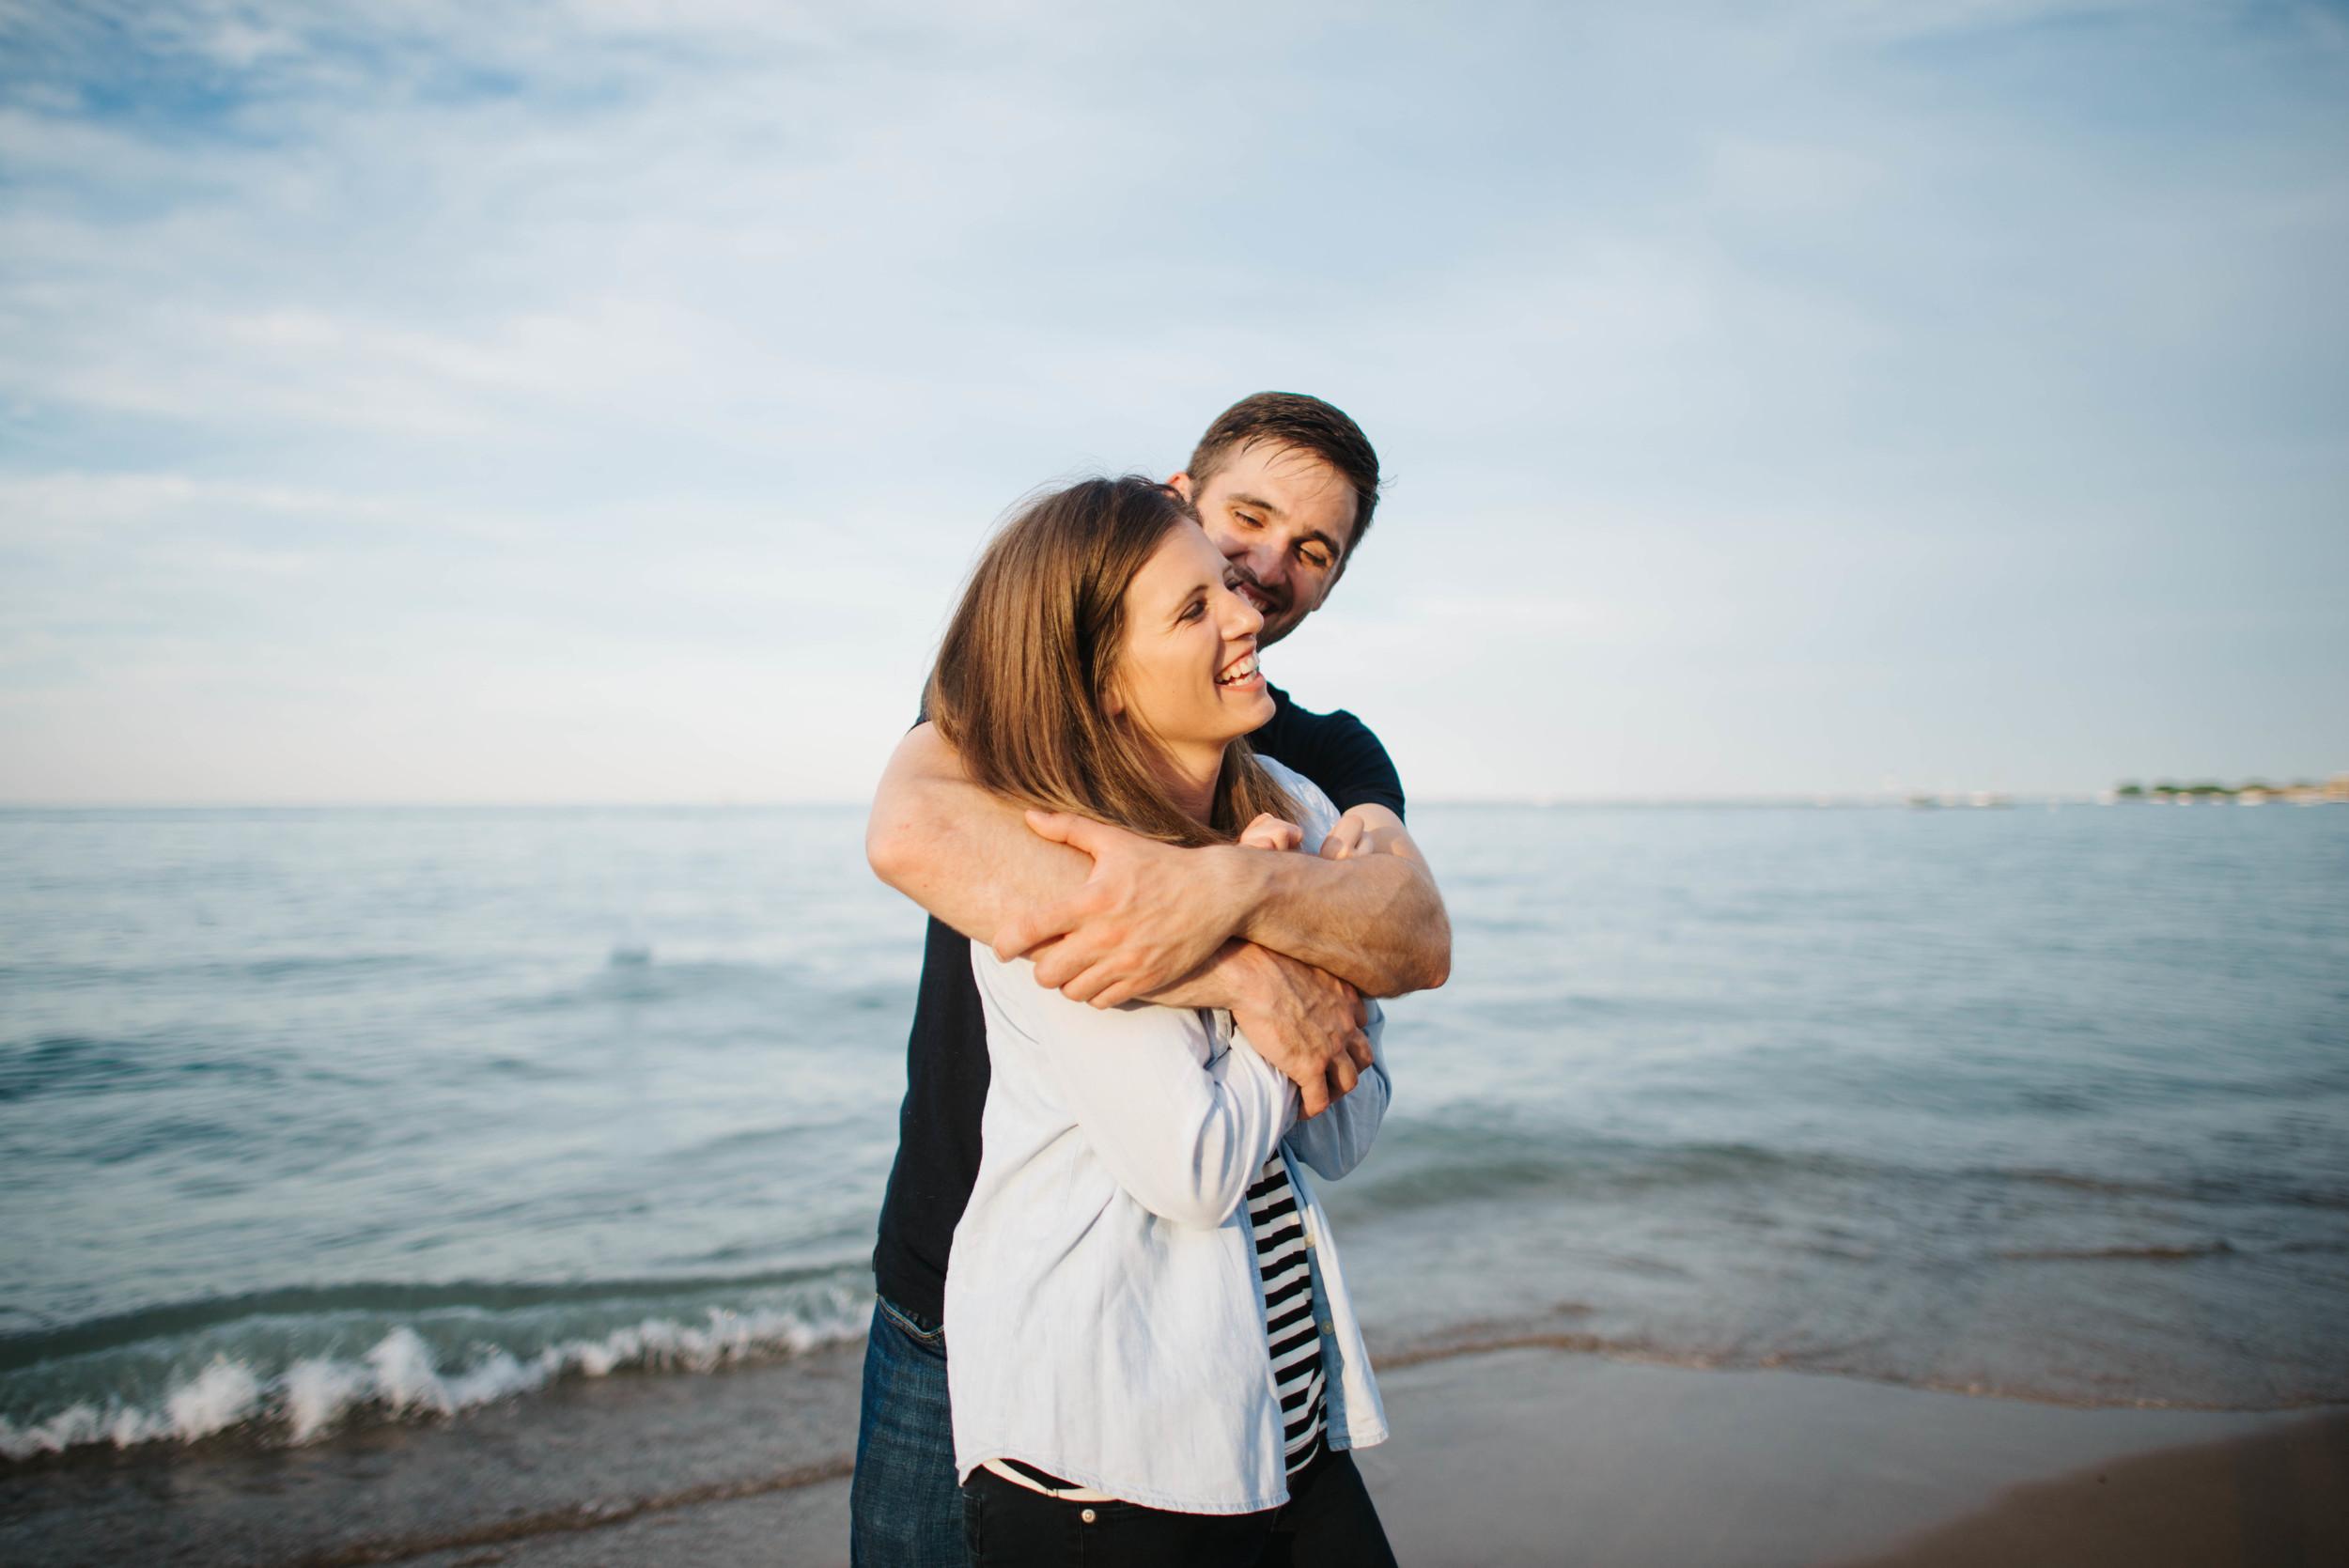 Oak Street Beach Chicago Engagement | Erika Aileen Photography